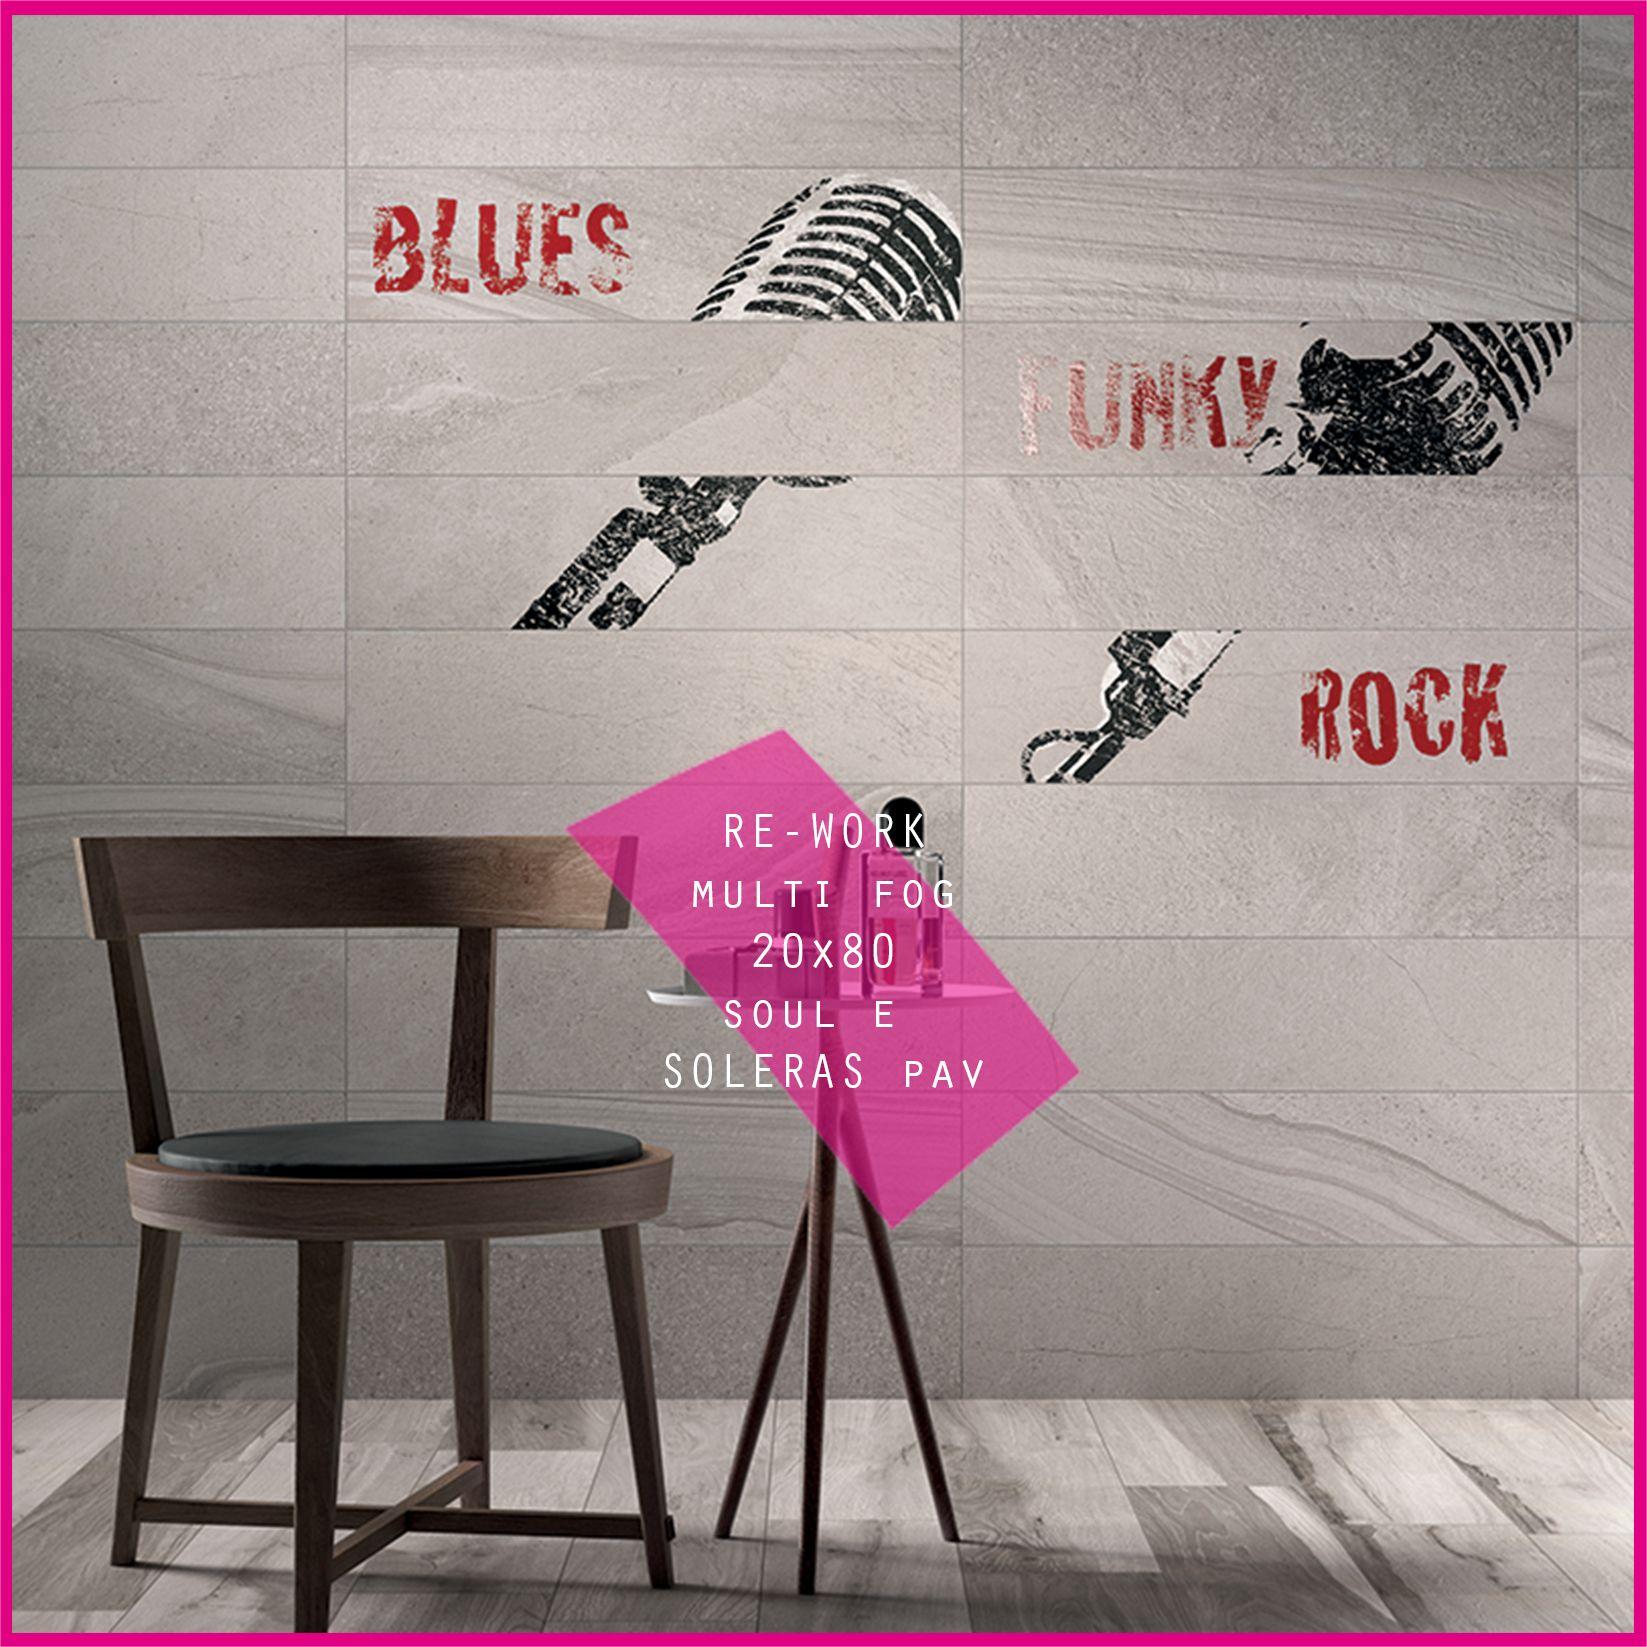 Design Per Tutti Com collezione re-work, per tutti i prodotti visita il nostro